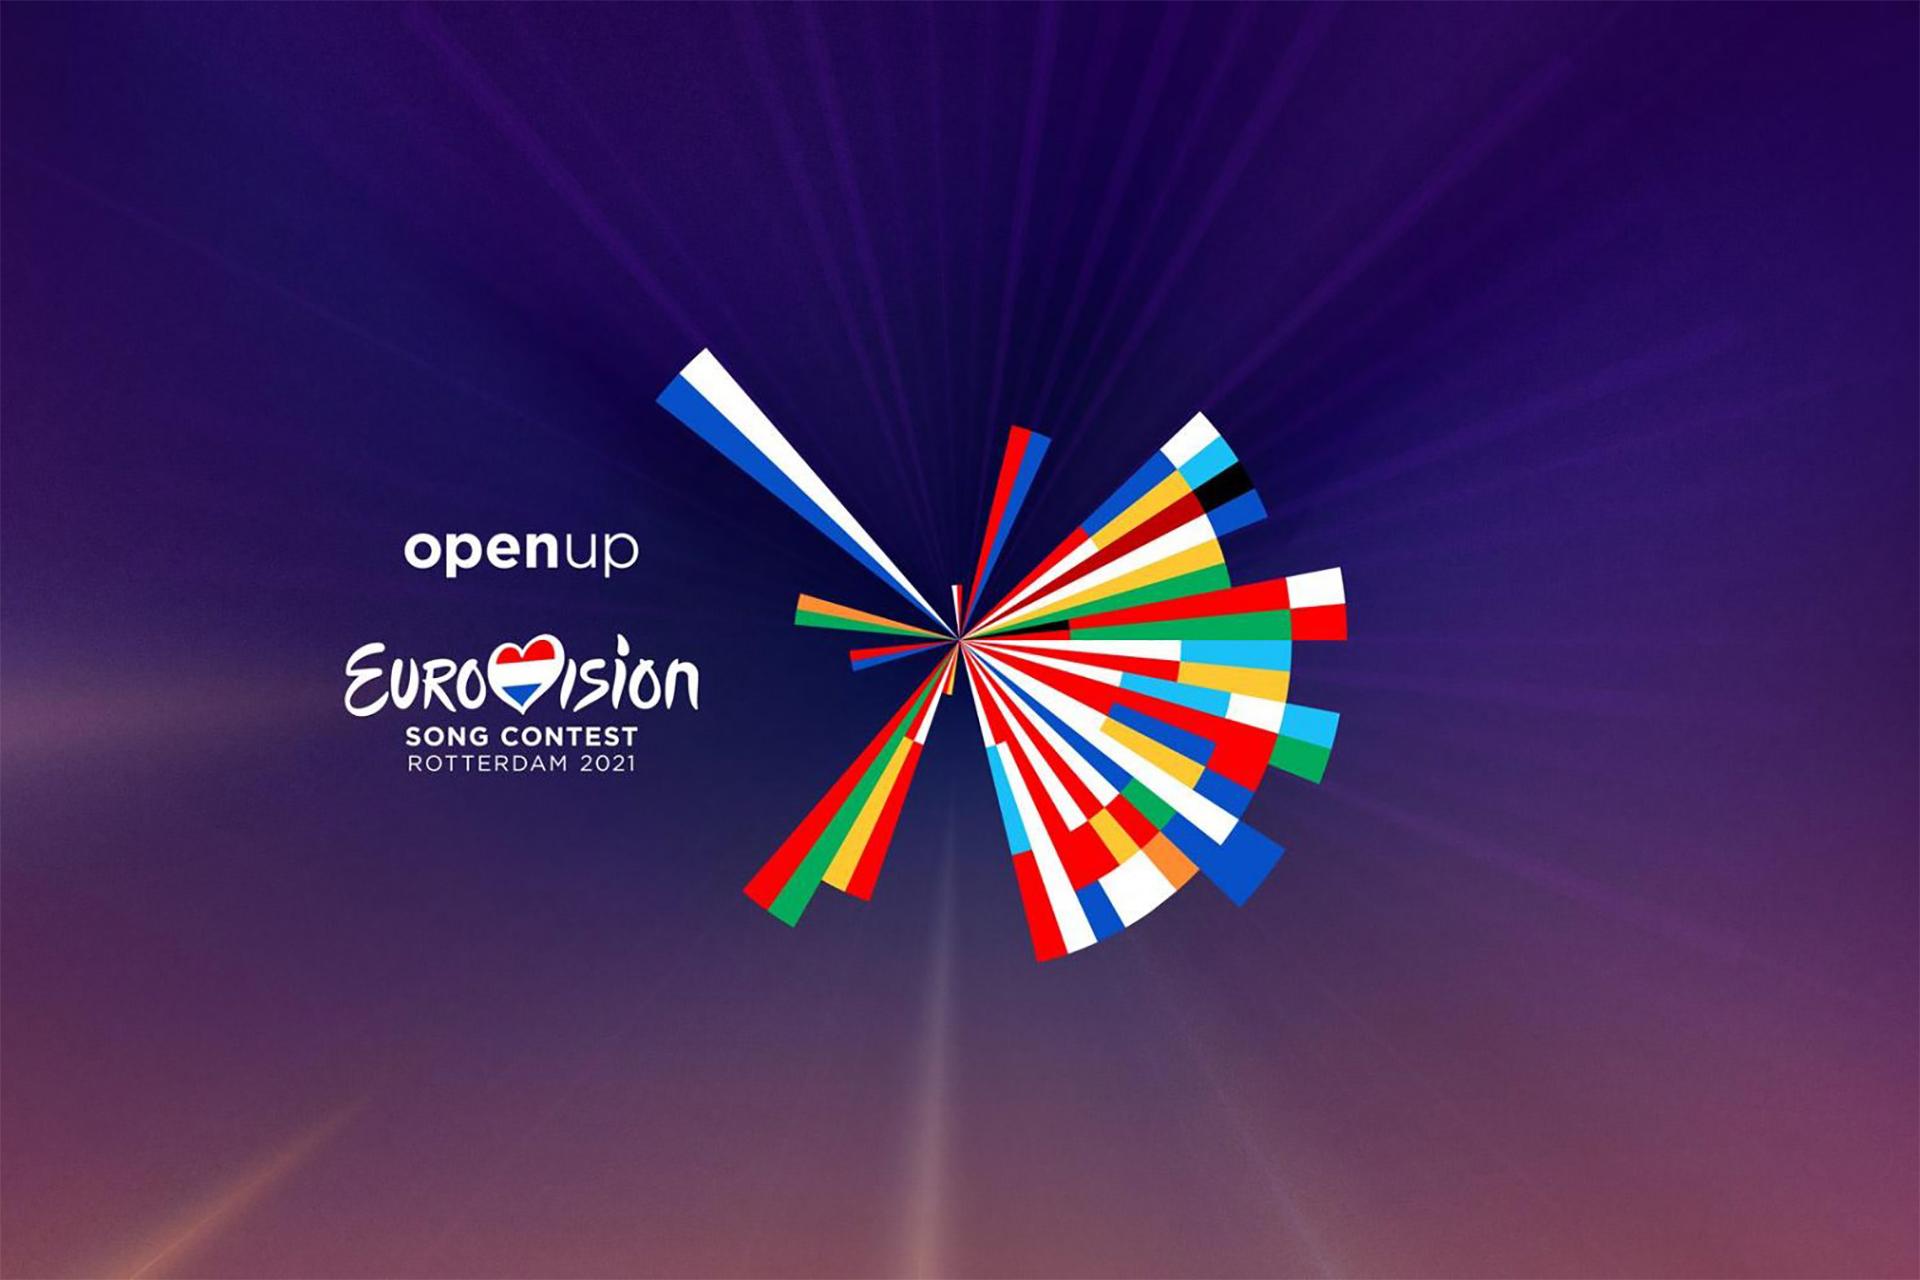 El camino hacia Róterdam: Todo lo que debes saber sobre Eurovisión 2021